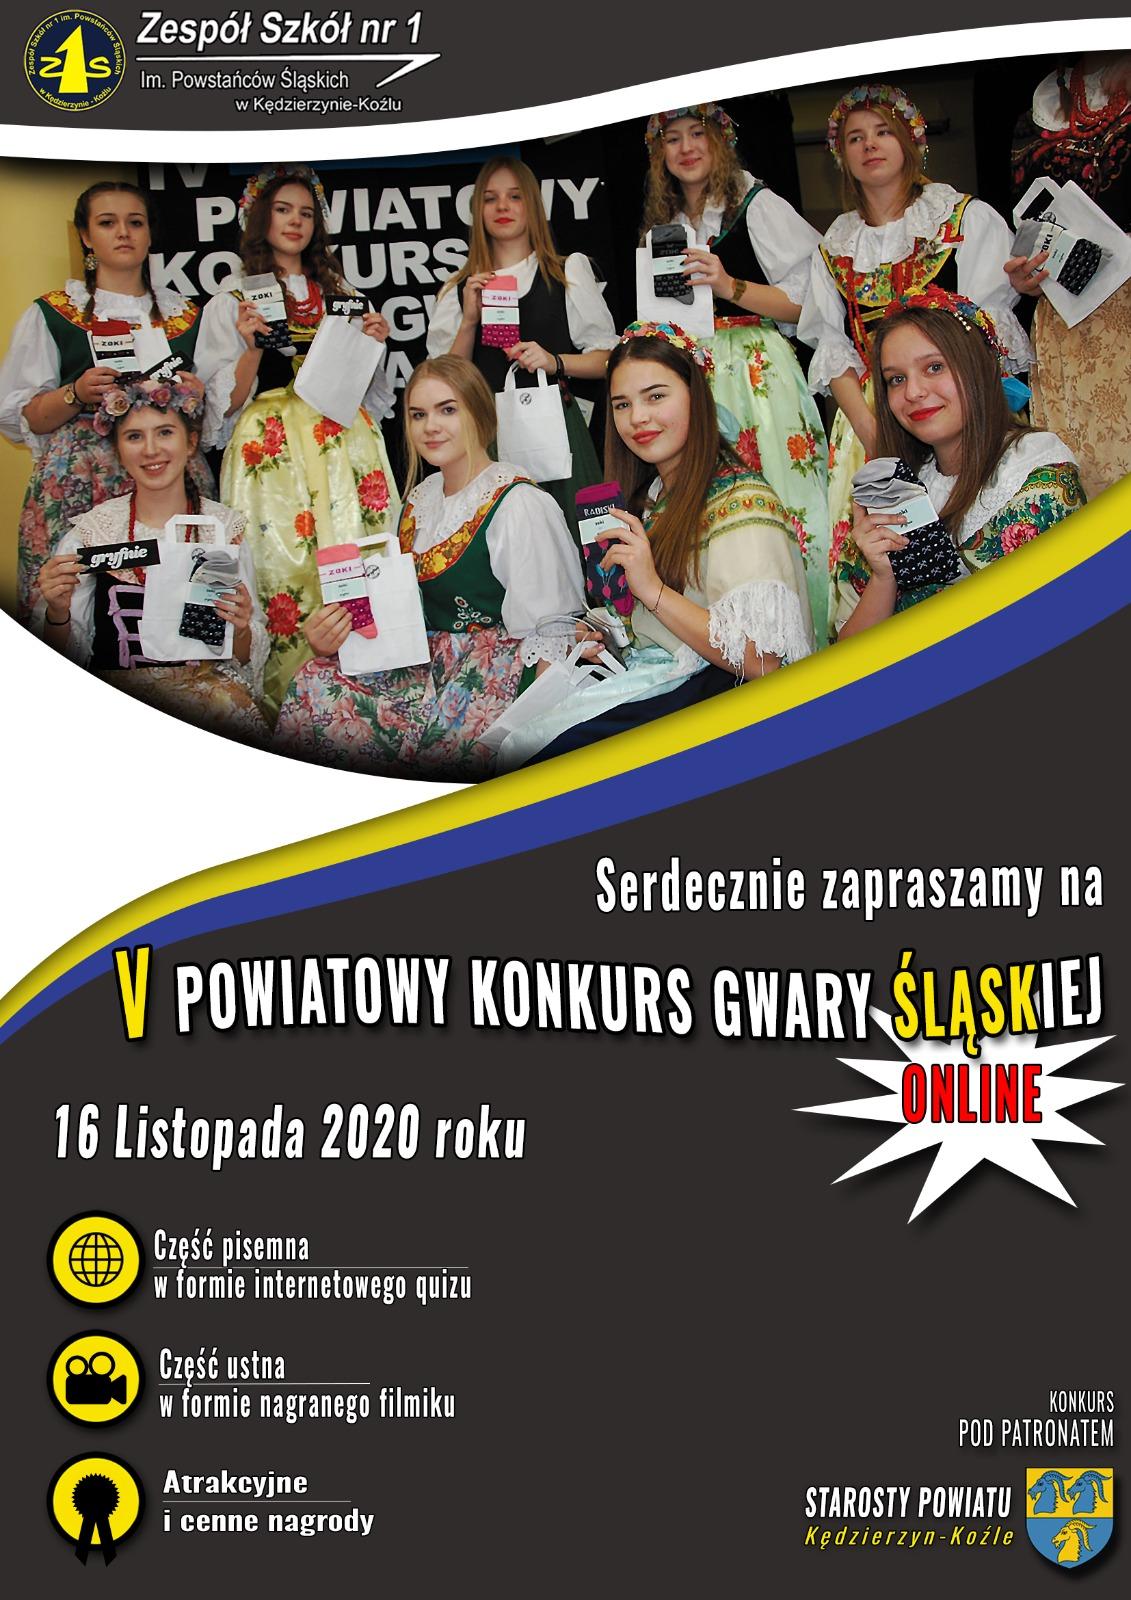 V Powiatowy Konkurs Gwary Śląskiej